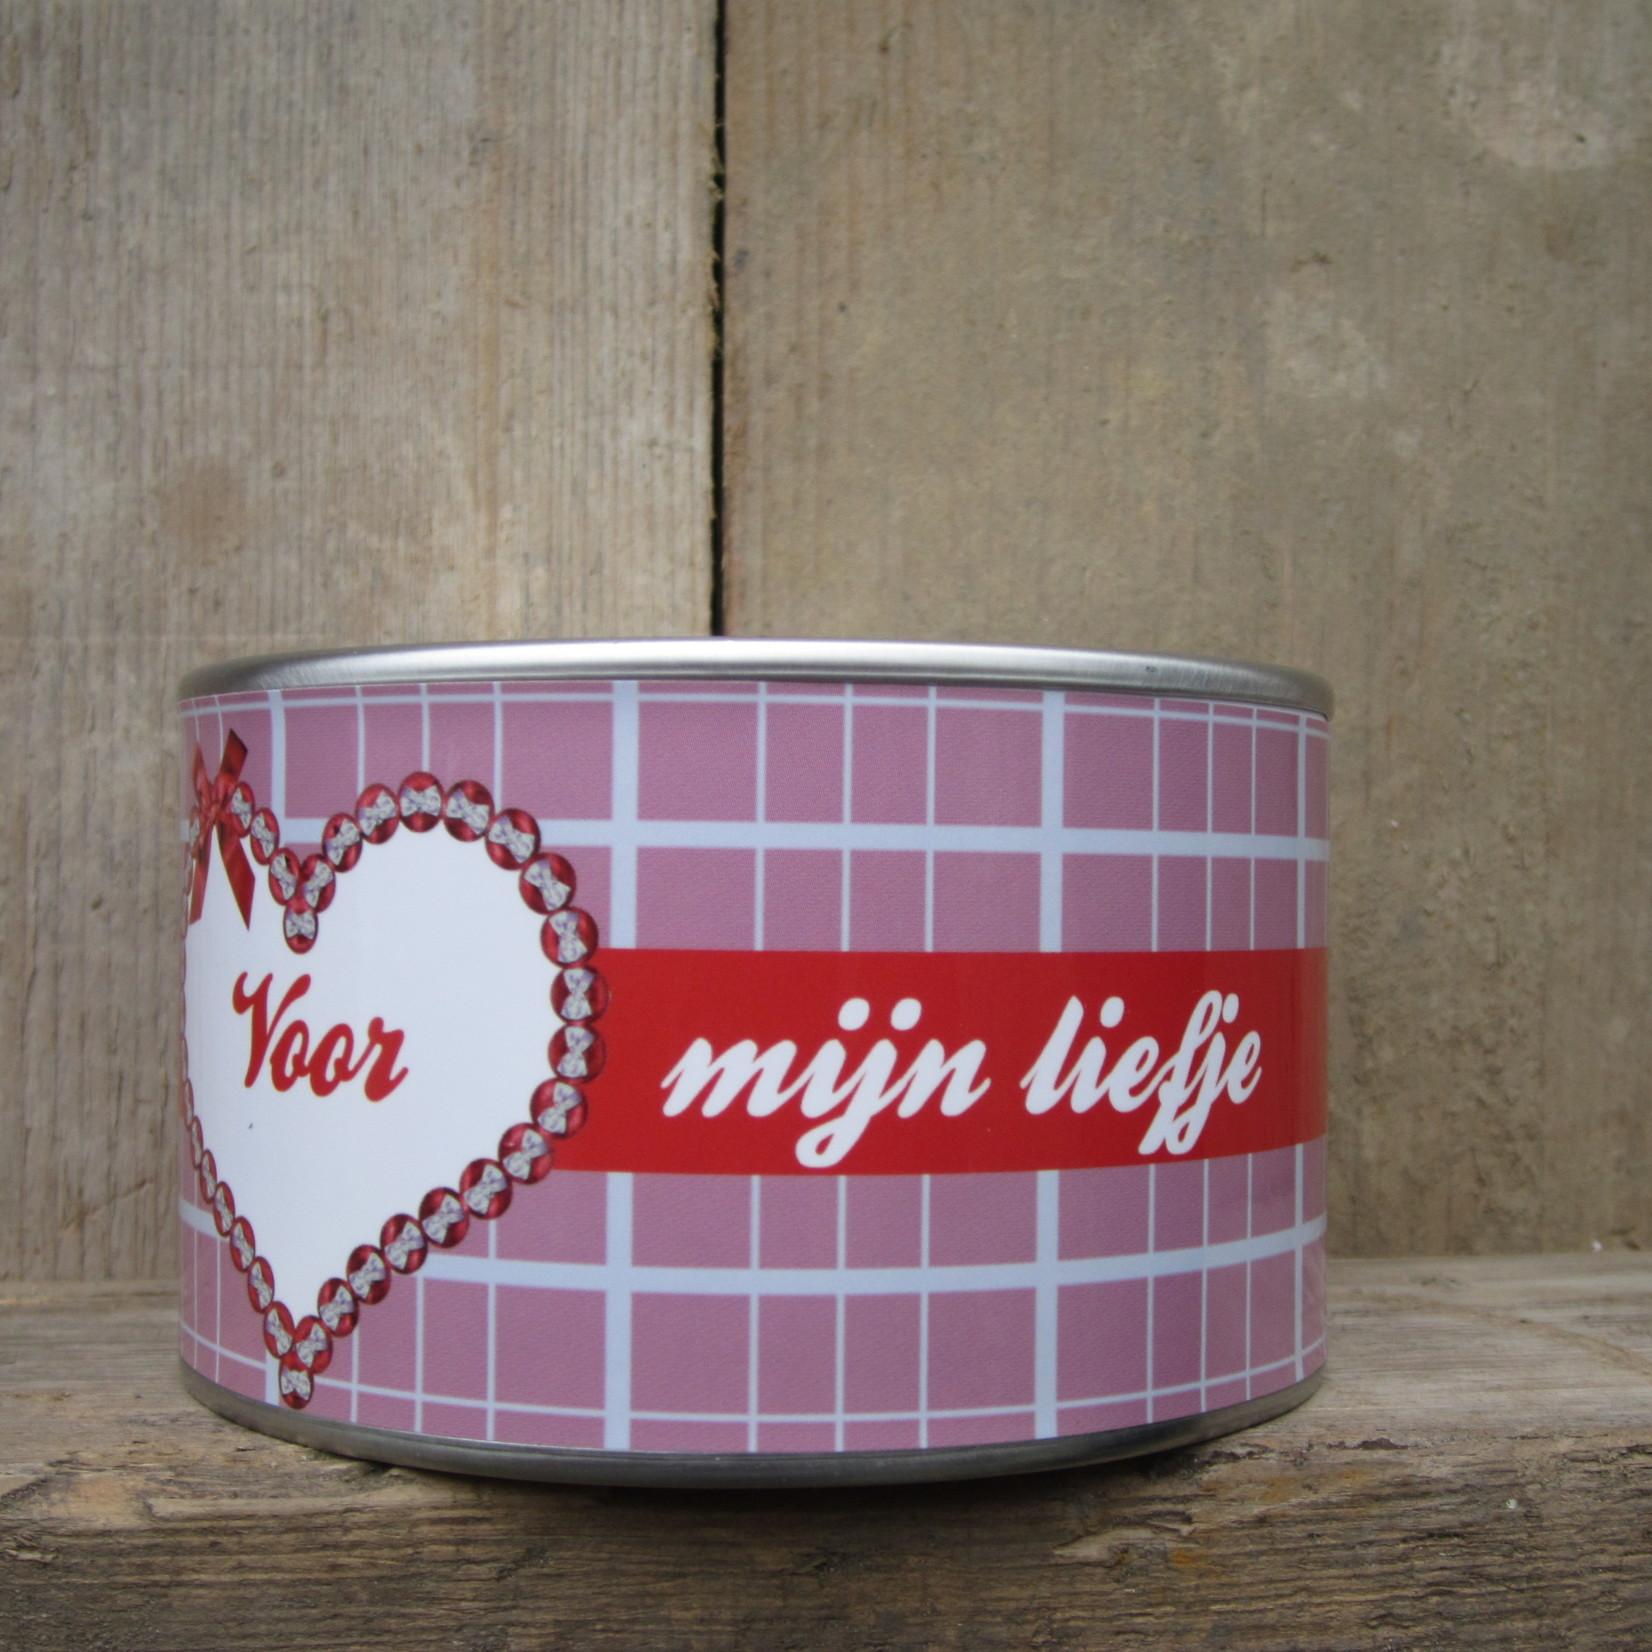 MiCa 81565 Spaarblik 'Voor mijn liefje'